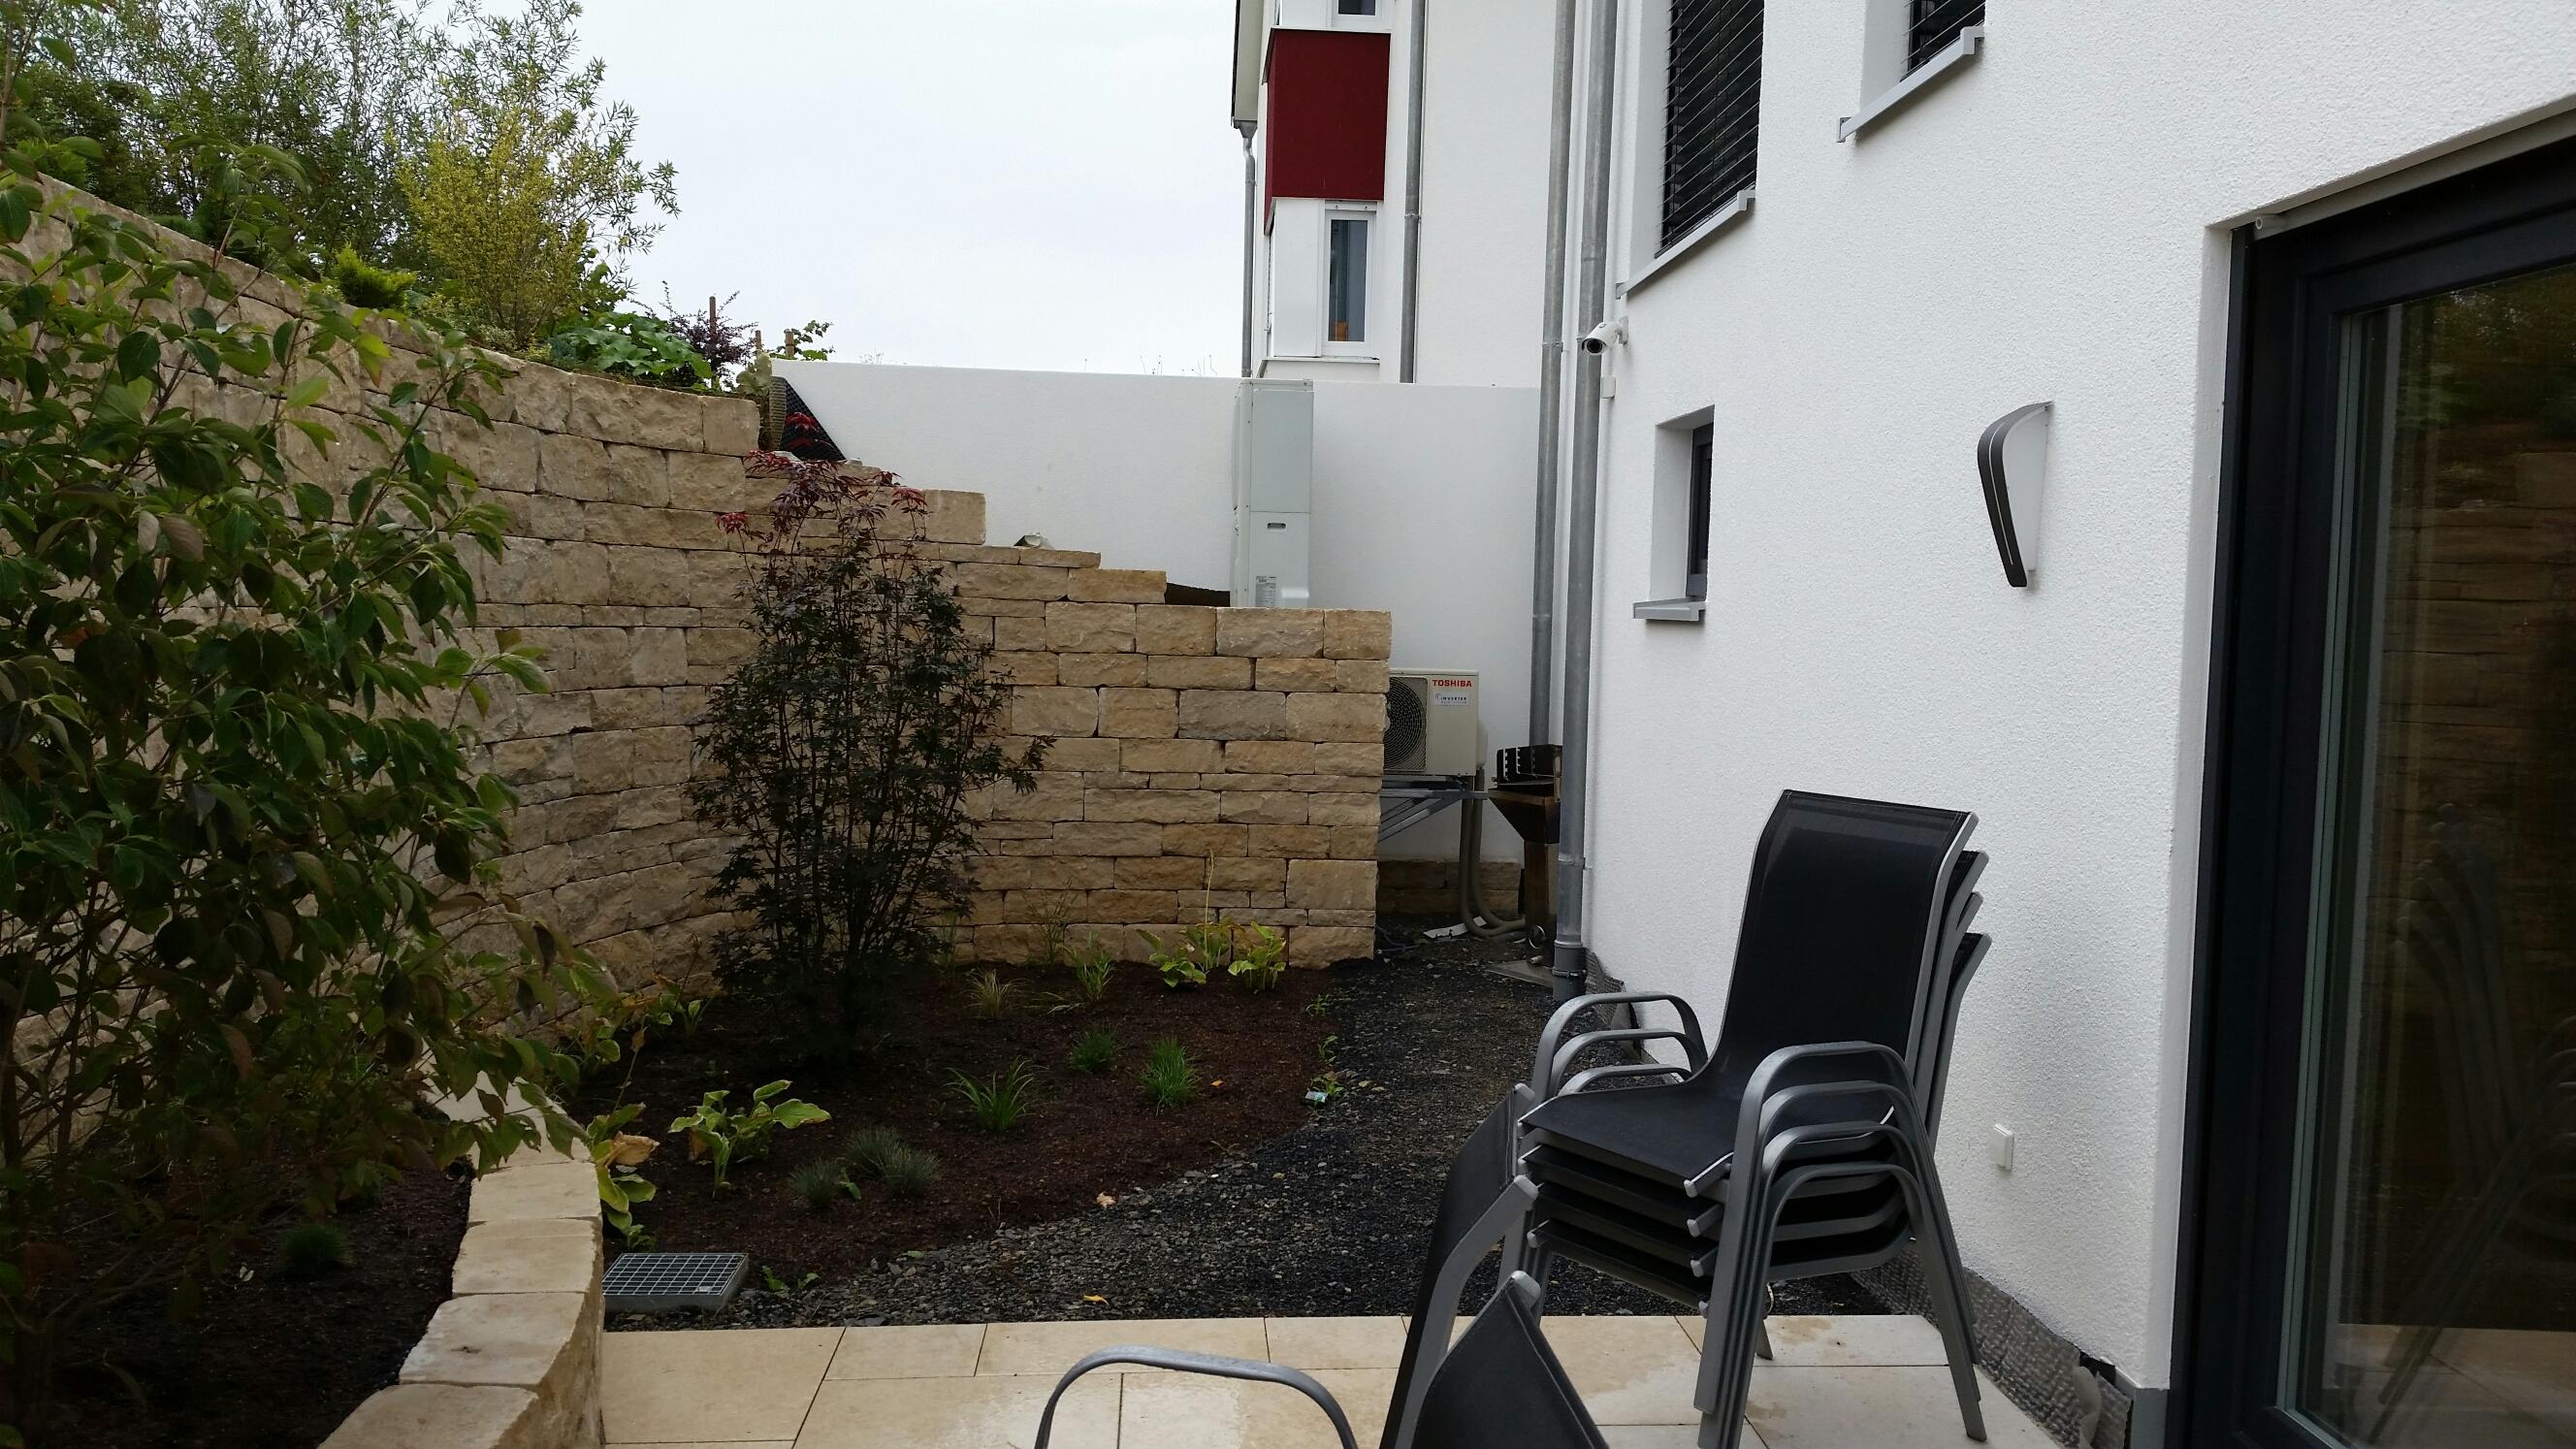 empfehlung f r buschige gartenpflanzen gesucht fragen bilder pflanz und pflegeanleitungen. Black Bedroom Furniture Sets. Home Design Ideas